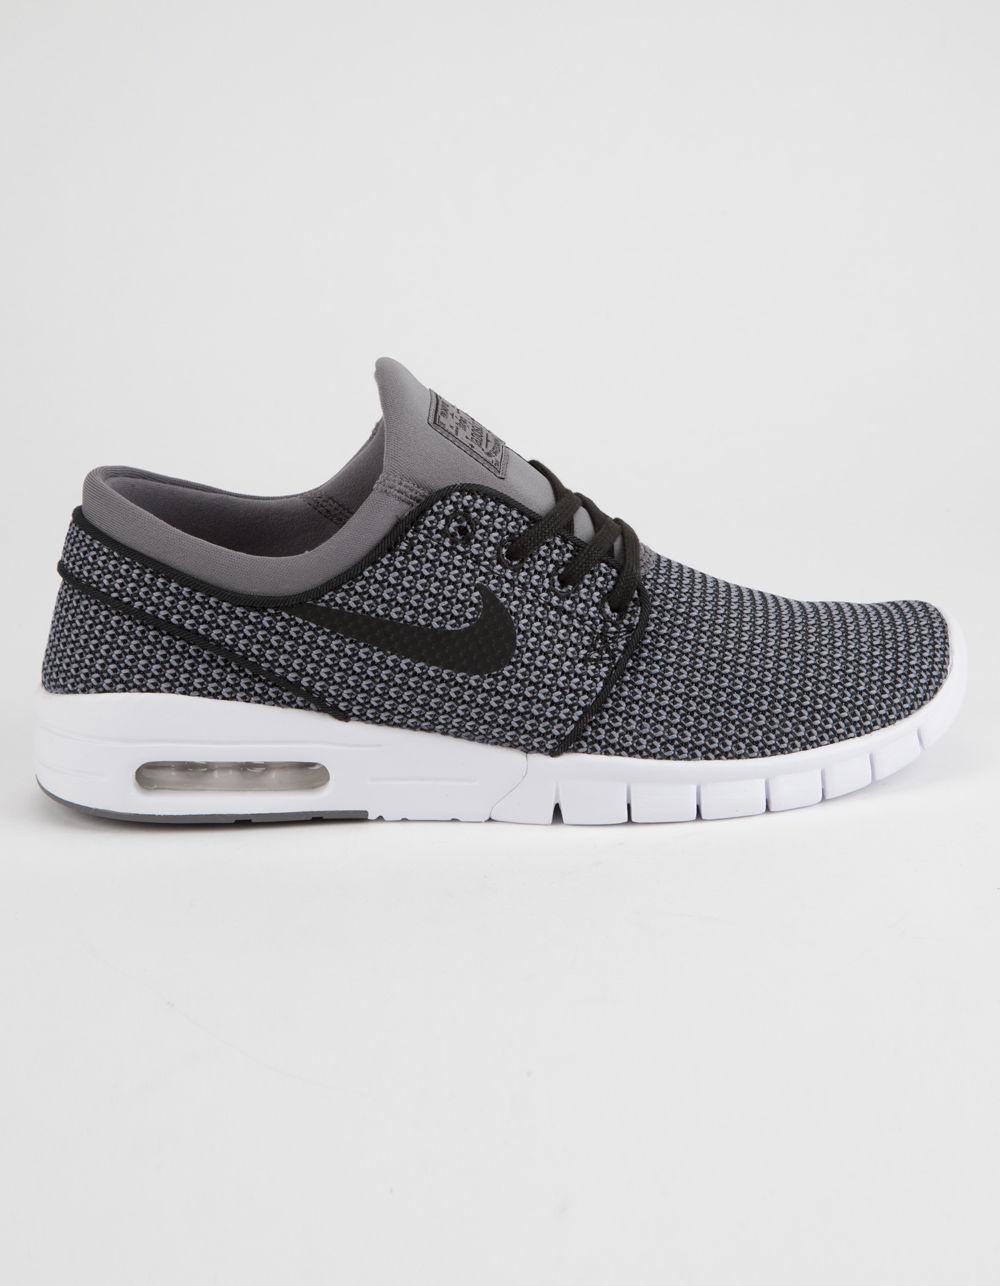 ff878494ac59 Lyst - Nike Stefan Janoski Max Gunsmoke White   Black Shoes in Gray ...